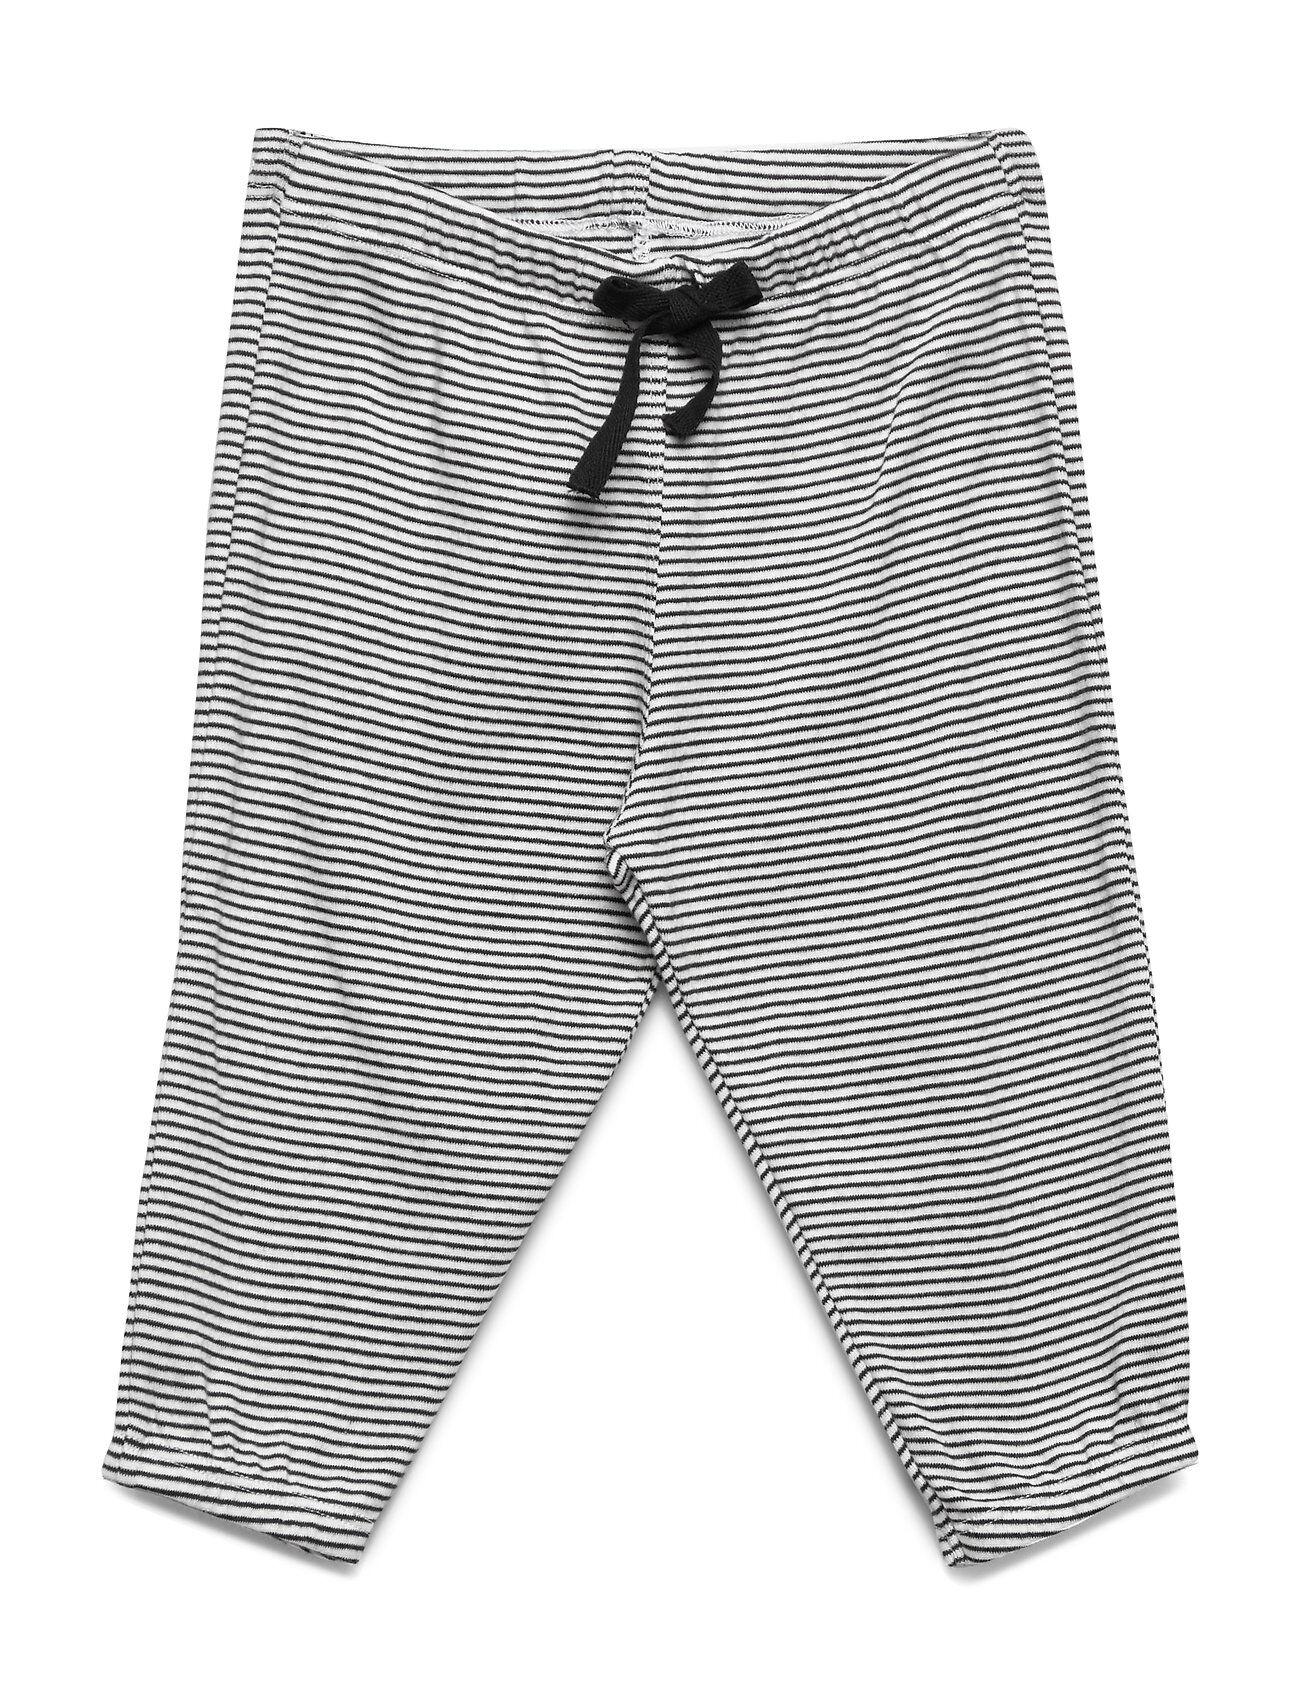 Noa Noa Miniature Trousers Collegehousut Olohousut Harmaa Noa Noa Miniature